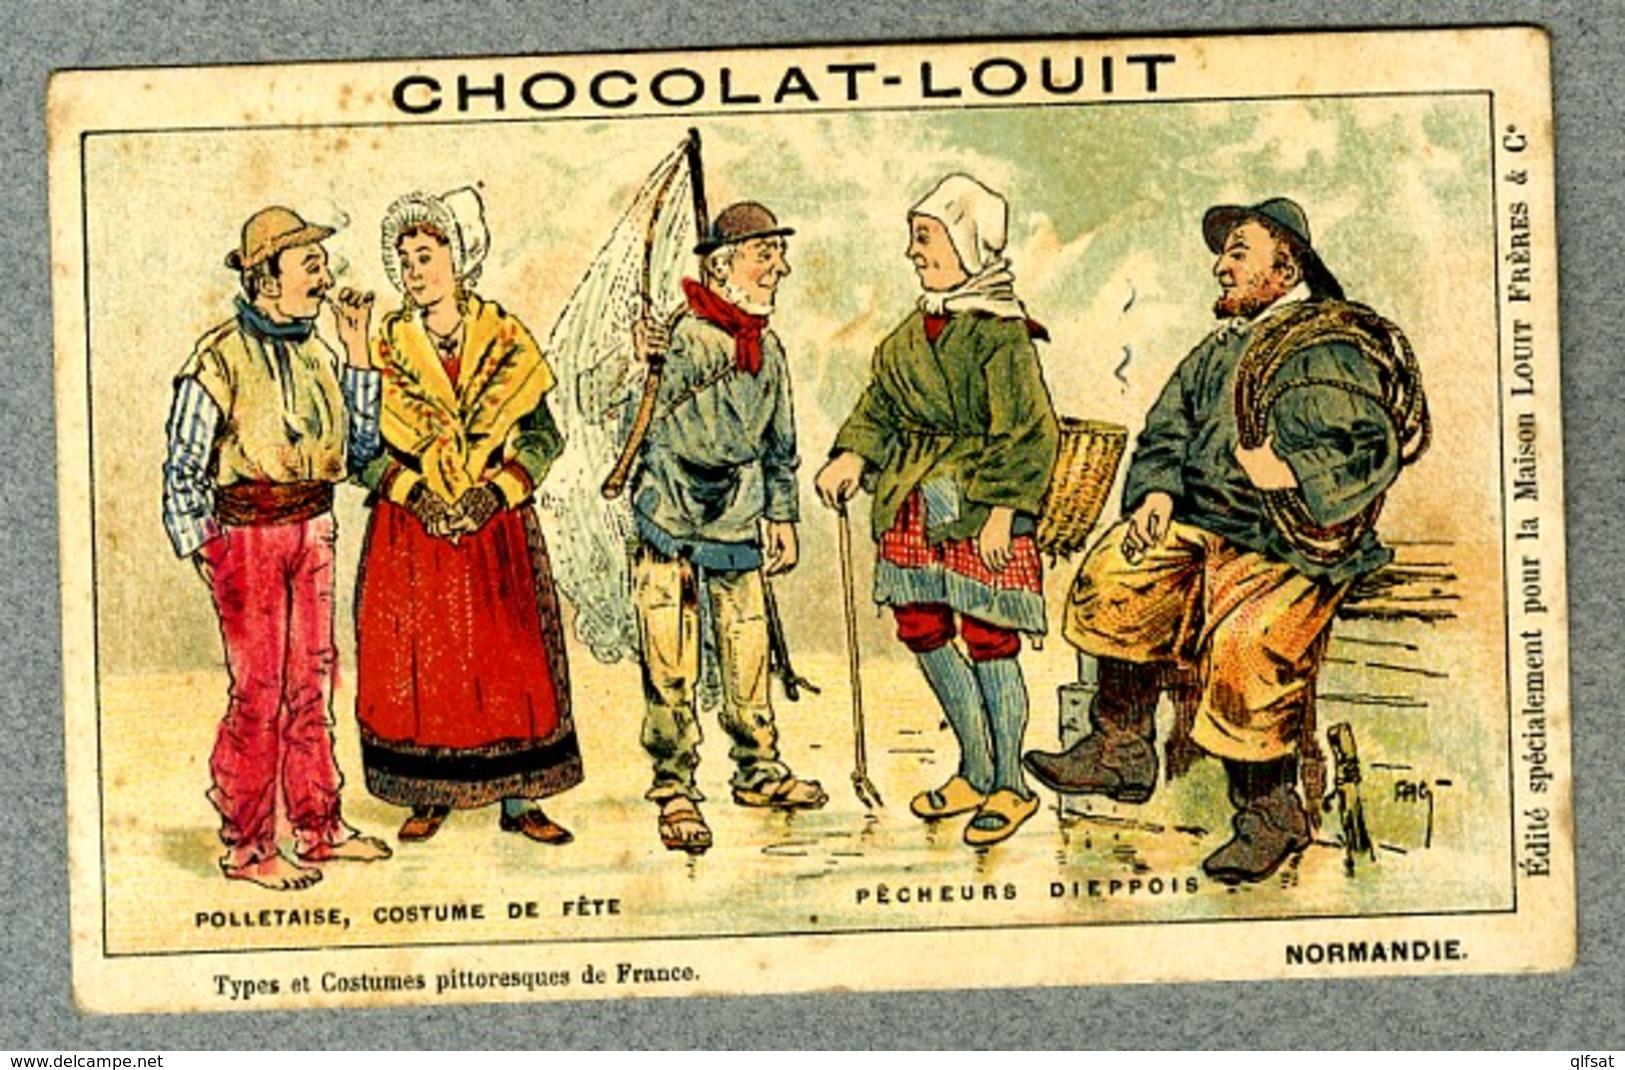 Chromo Louit Normandie Polletaise Ile Du Pollet Island Pecheurs Dieppe Fishermen Fag Vintage Trade Card - Louit